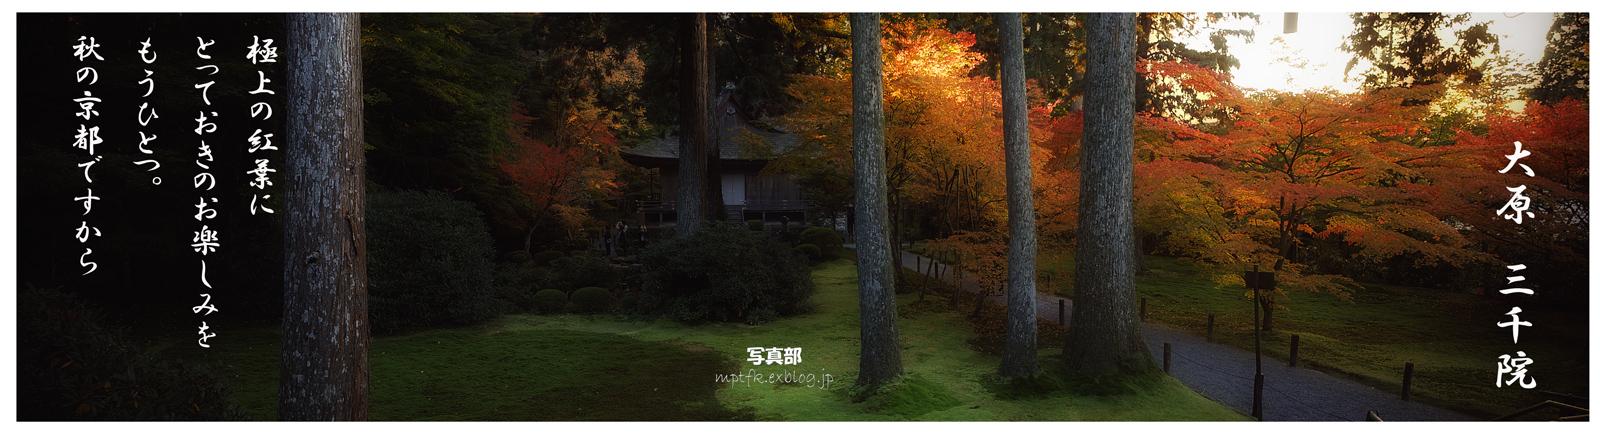 そうだ 京都、行こう。_f0021869_11255797.jpg